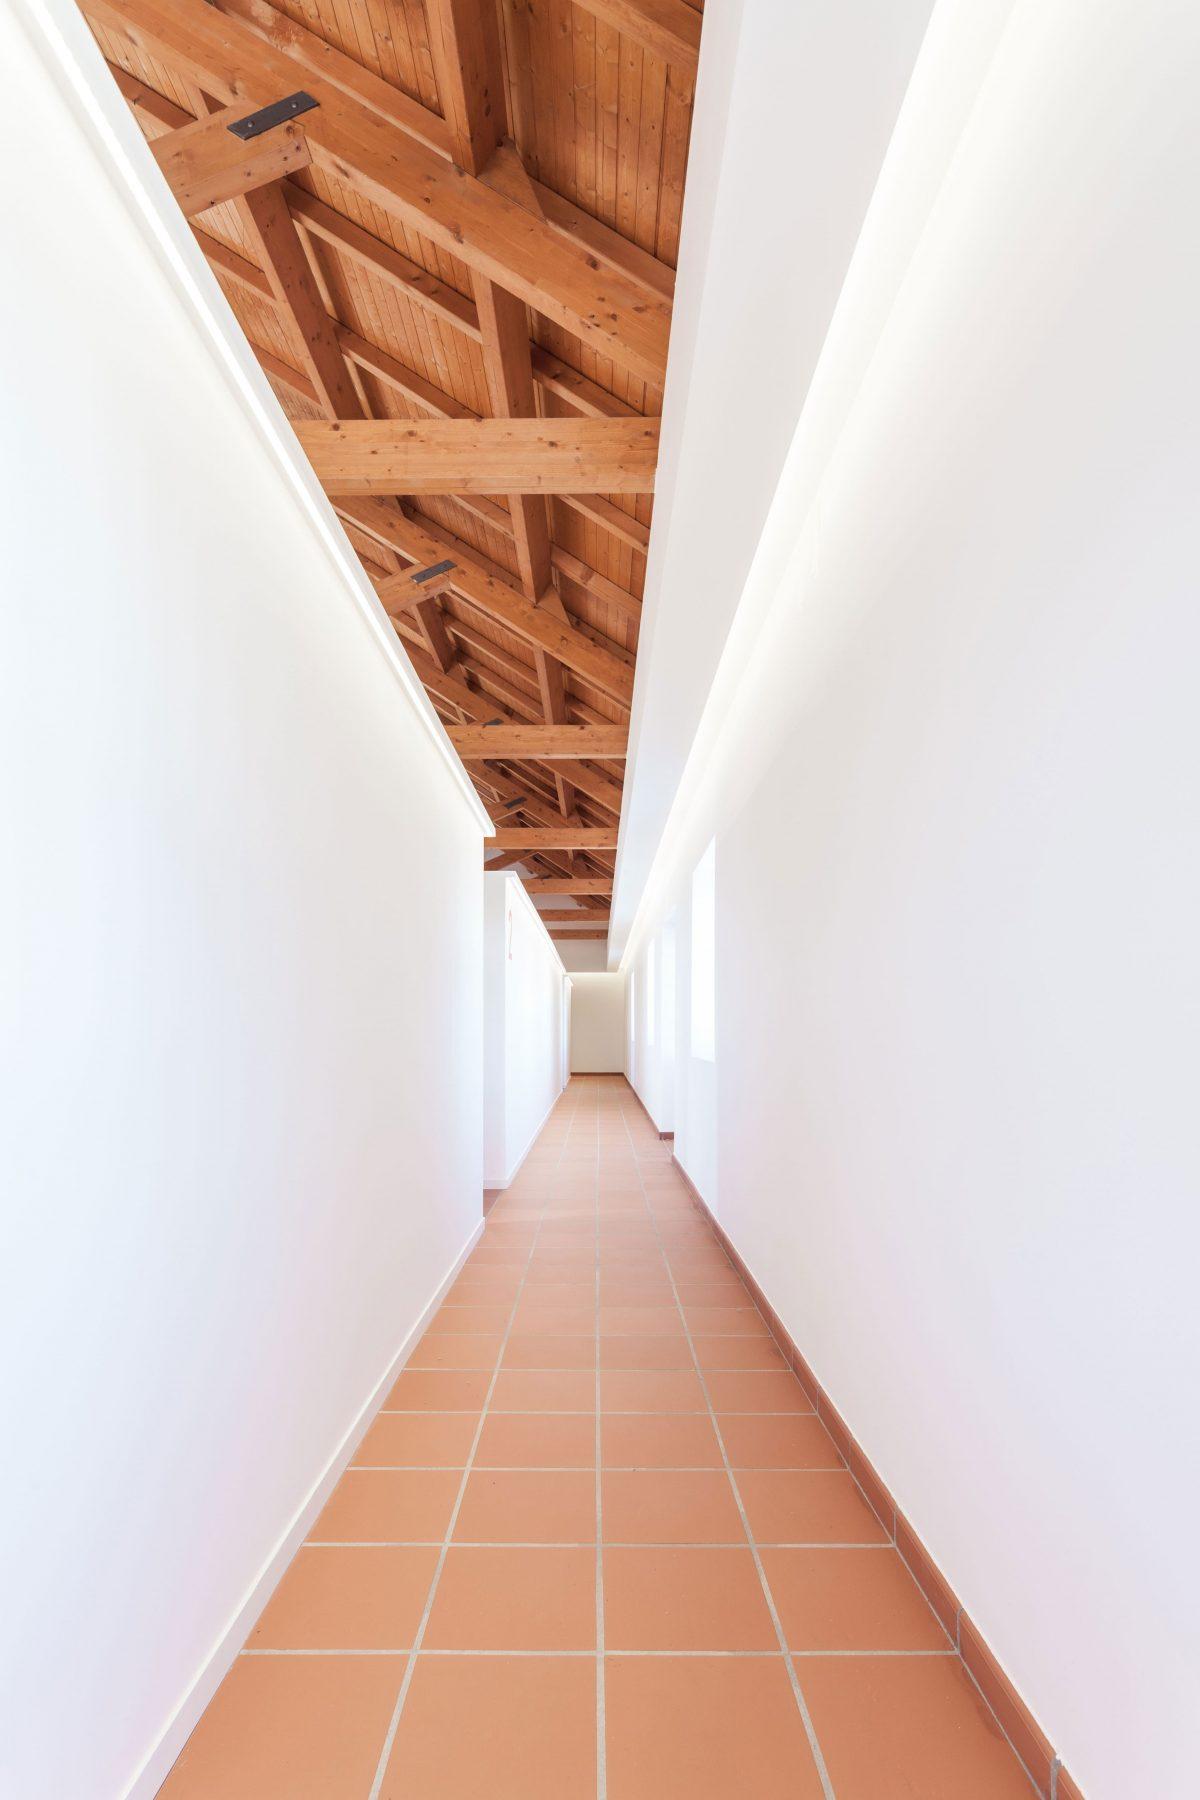 dc ad museum barroca architecture 06